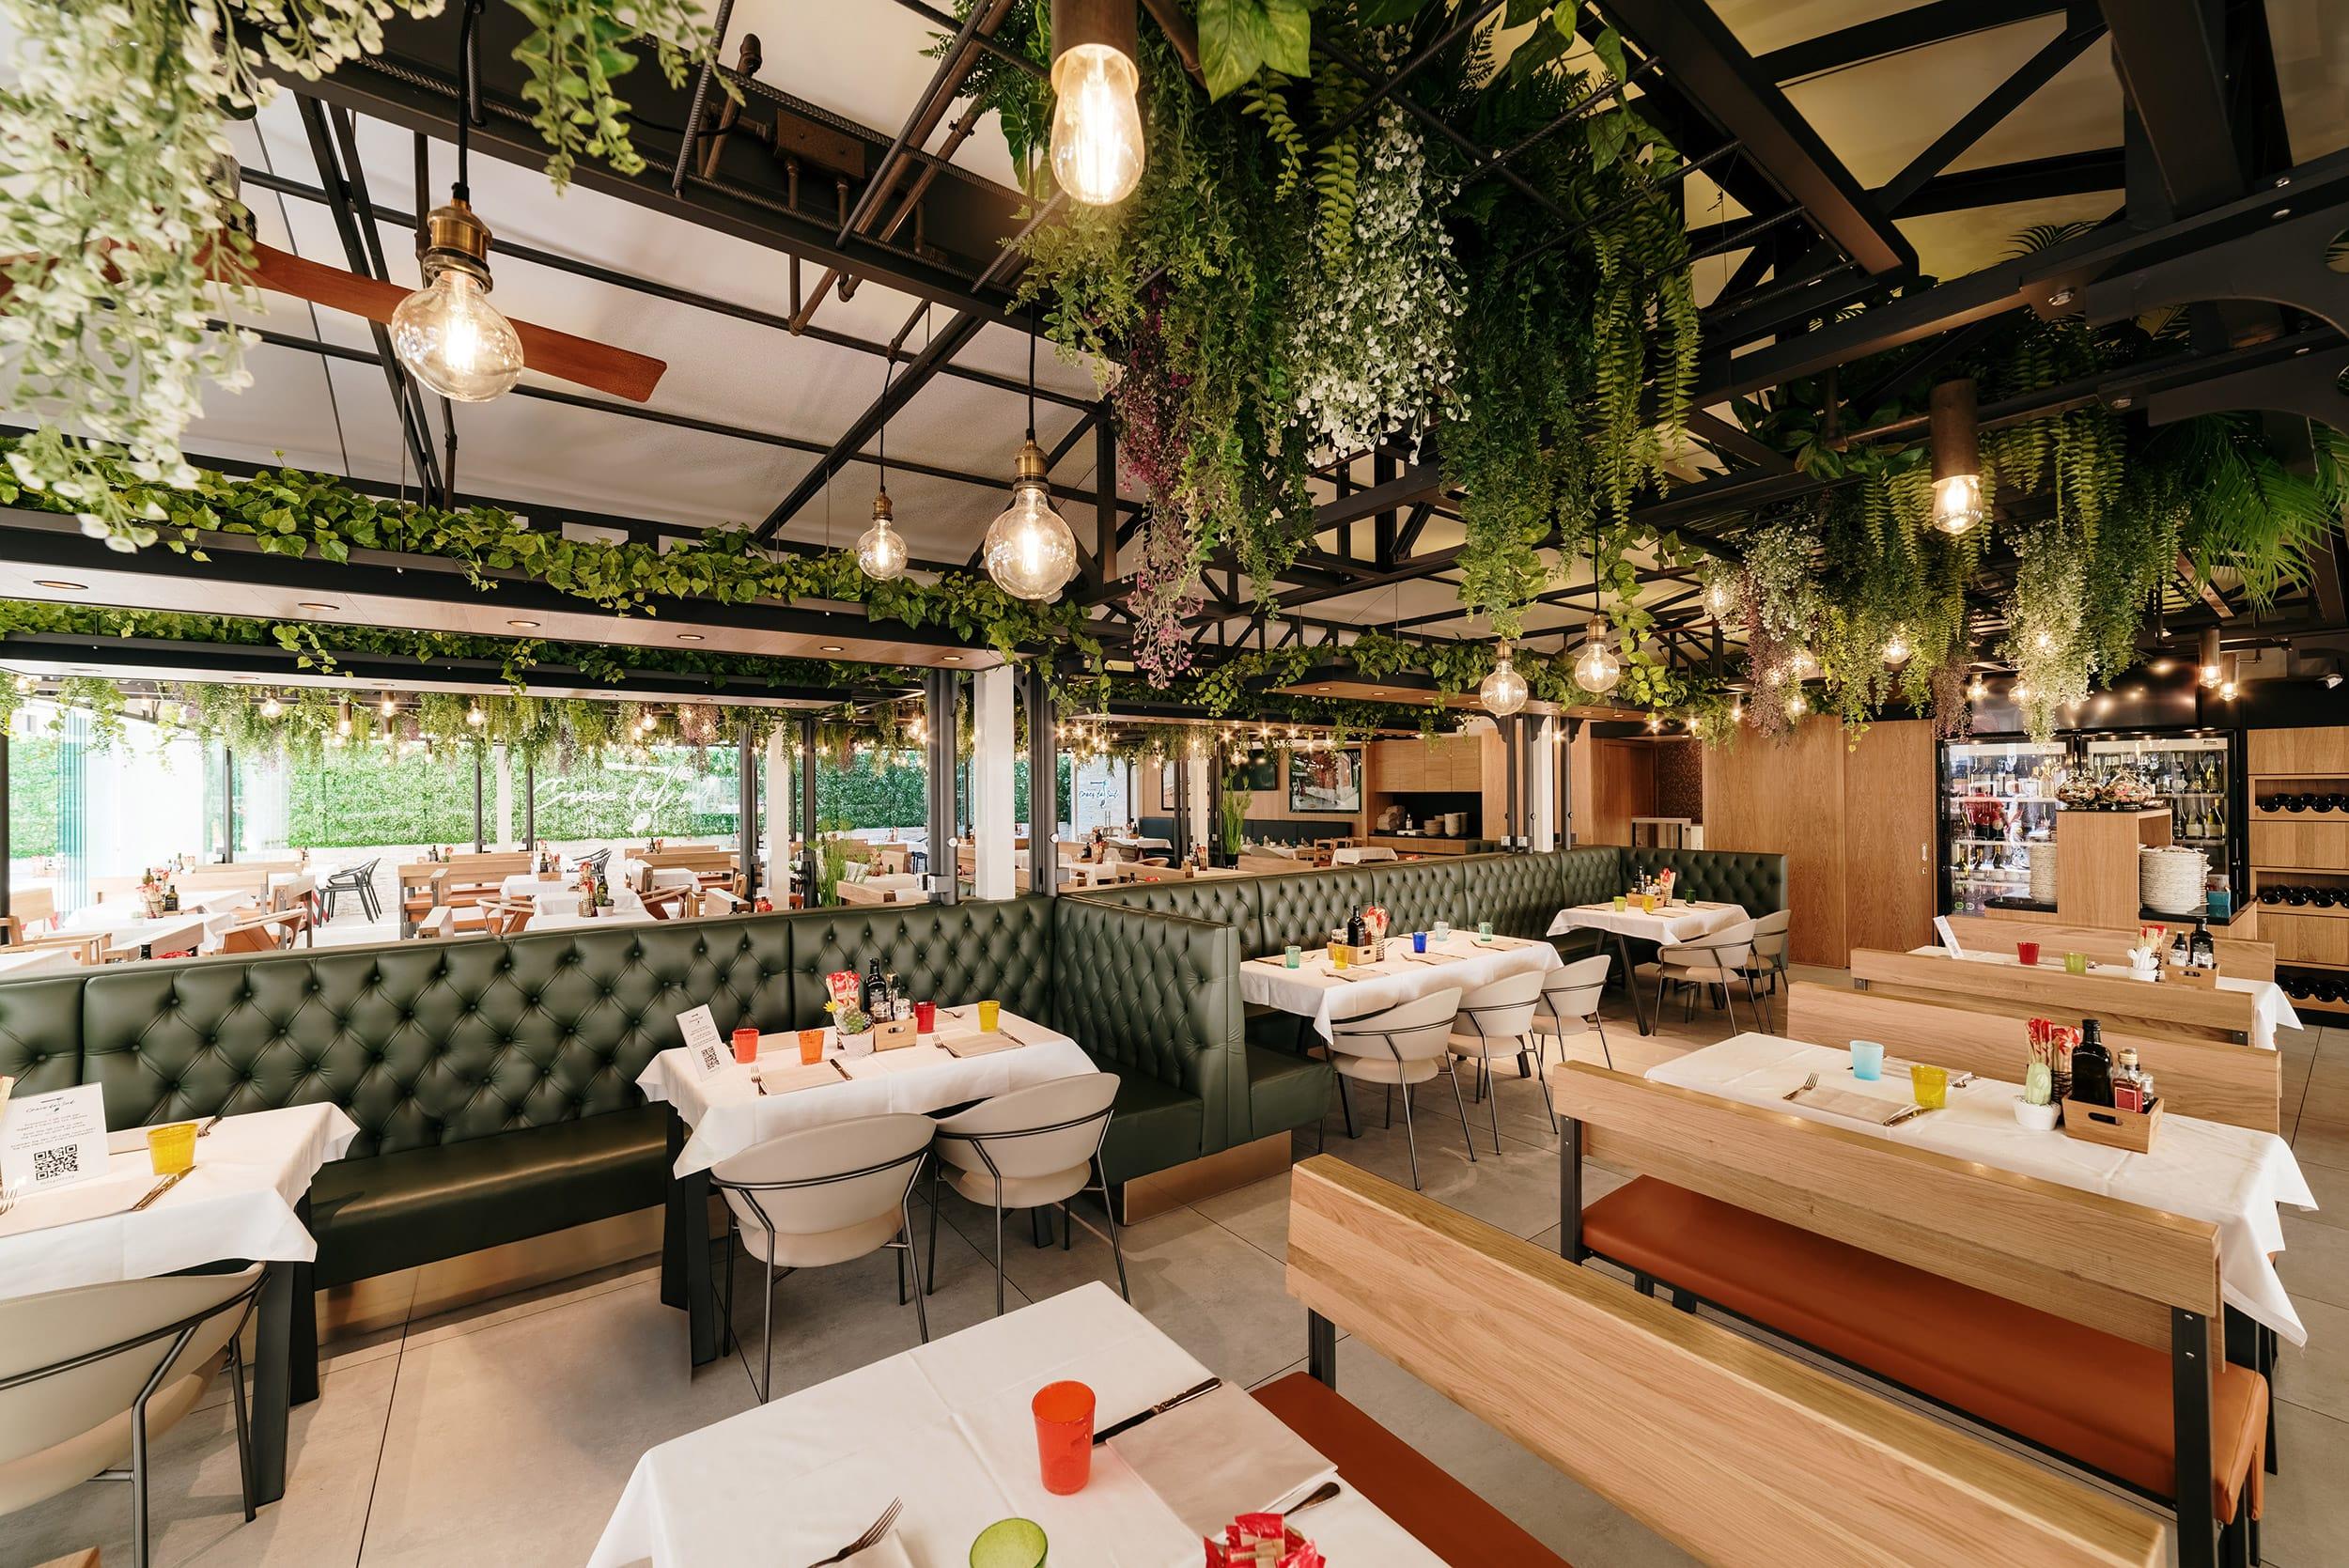 croce del sud ristorante pizzeria lignano sabbiadoro interni tavoli piante